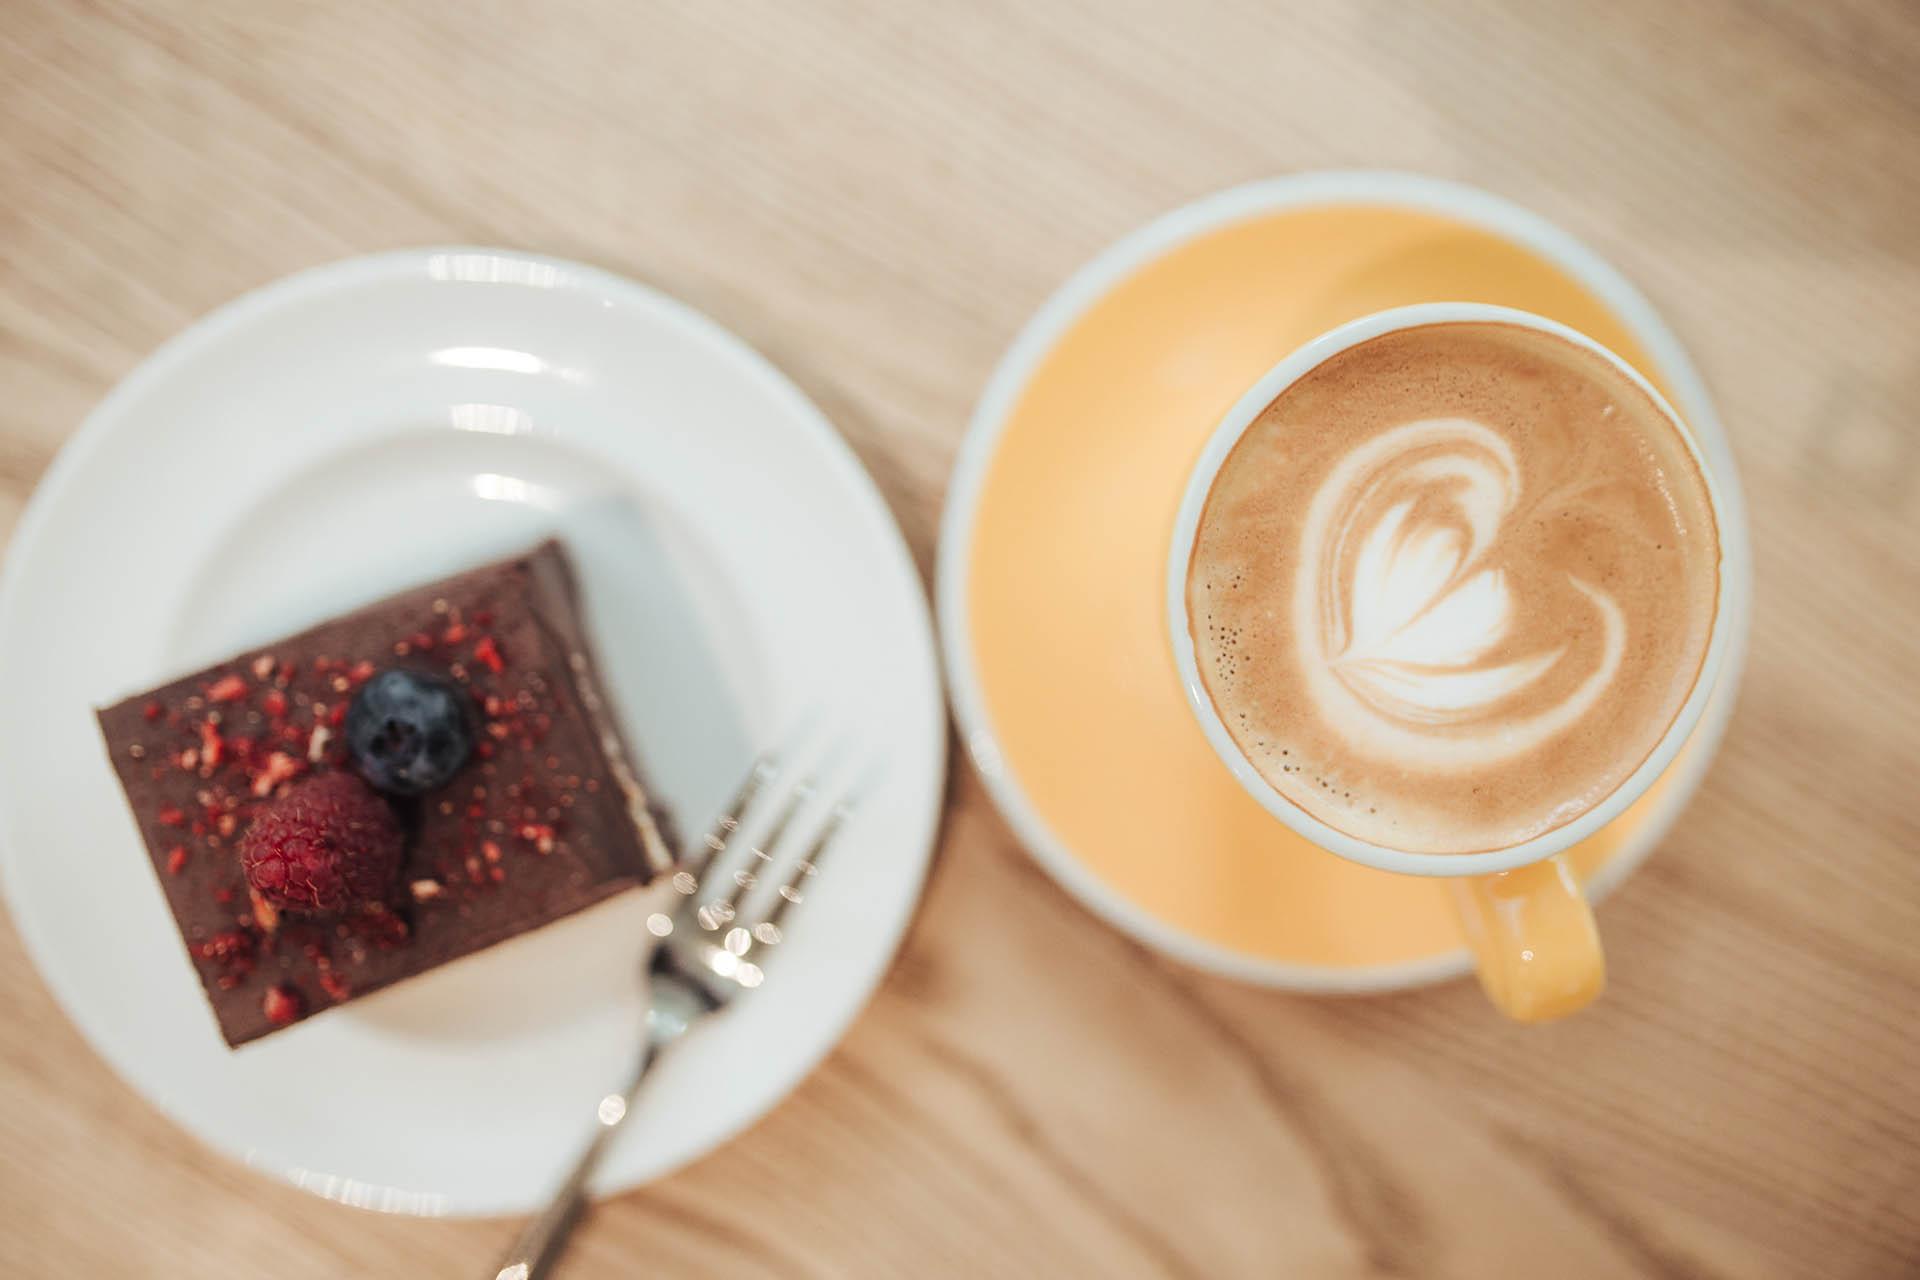 1_cake_and_coffee.jpg